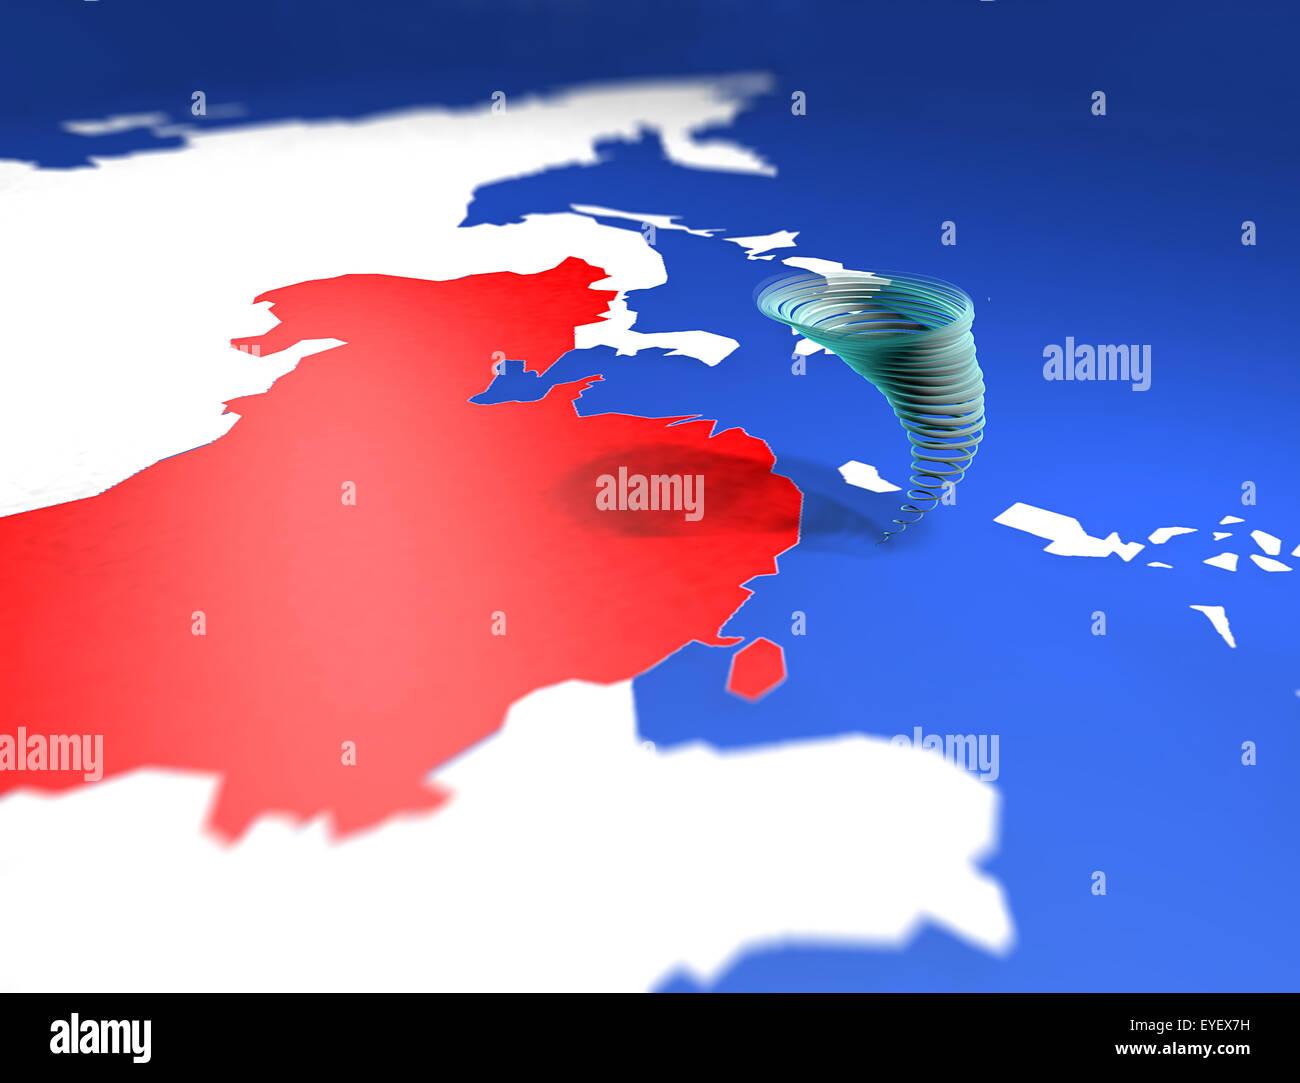 Warning: typhoon in the South China sea, Usagi China map alarm - Stock Image